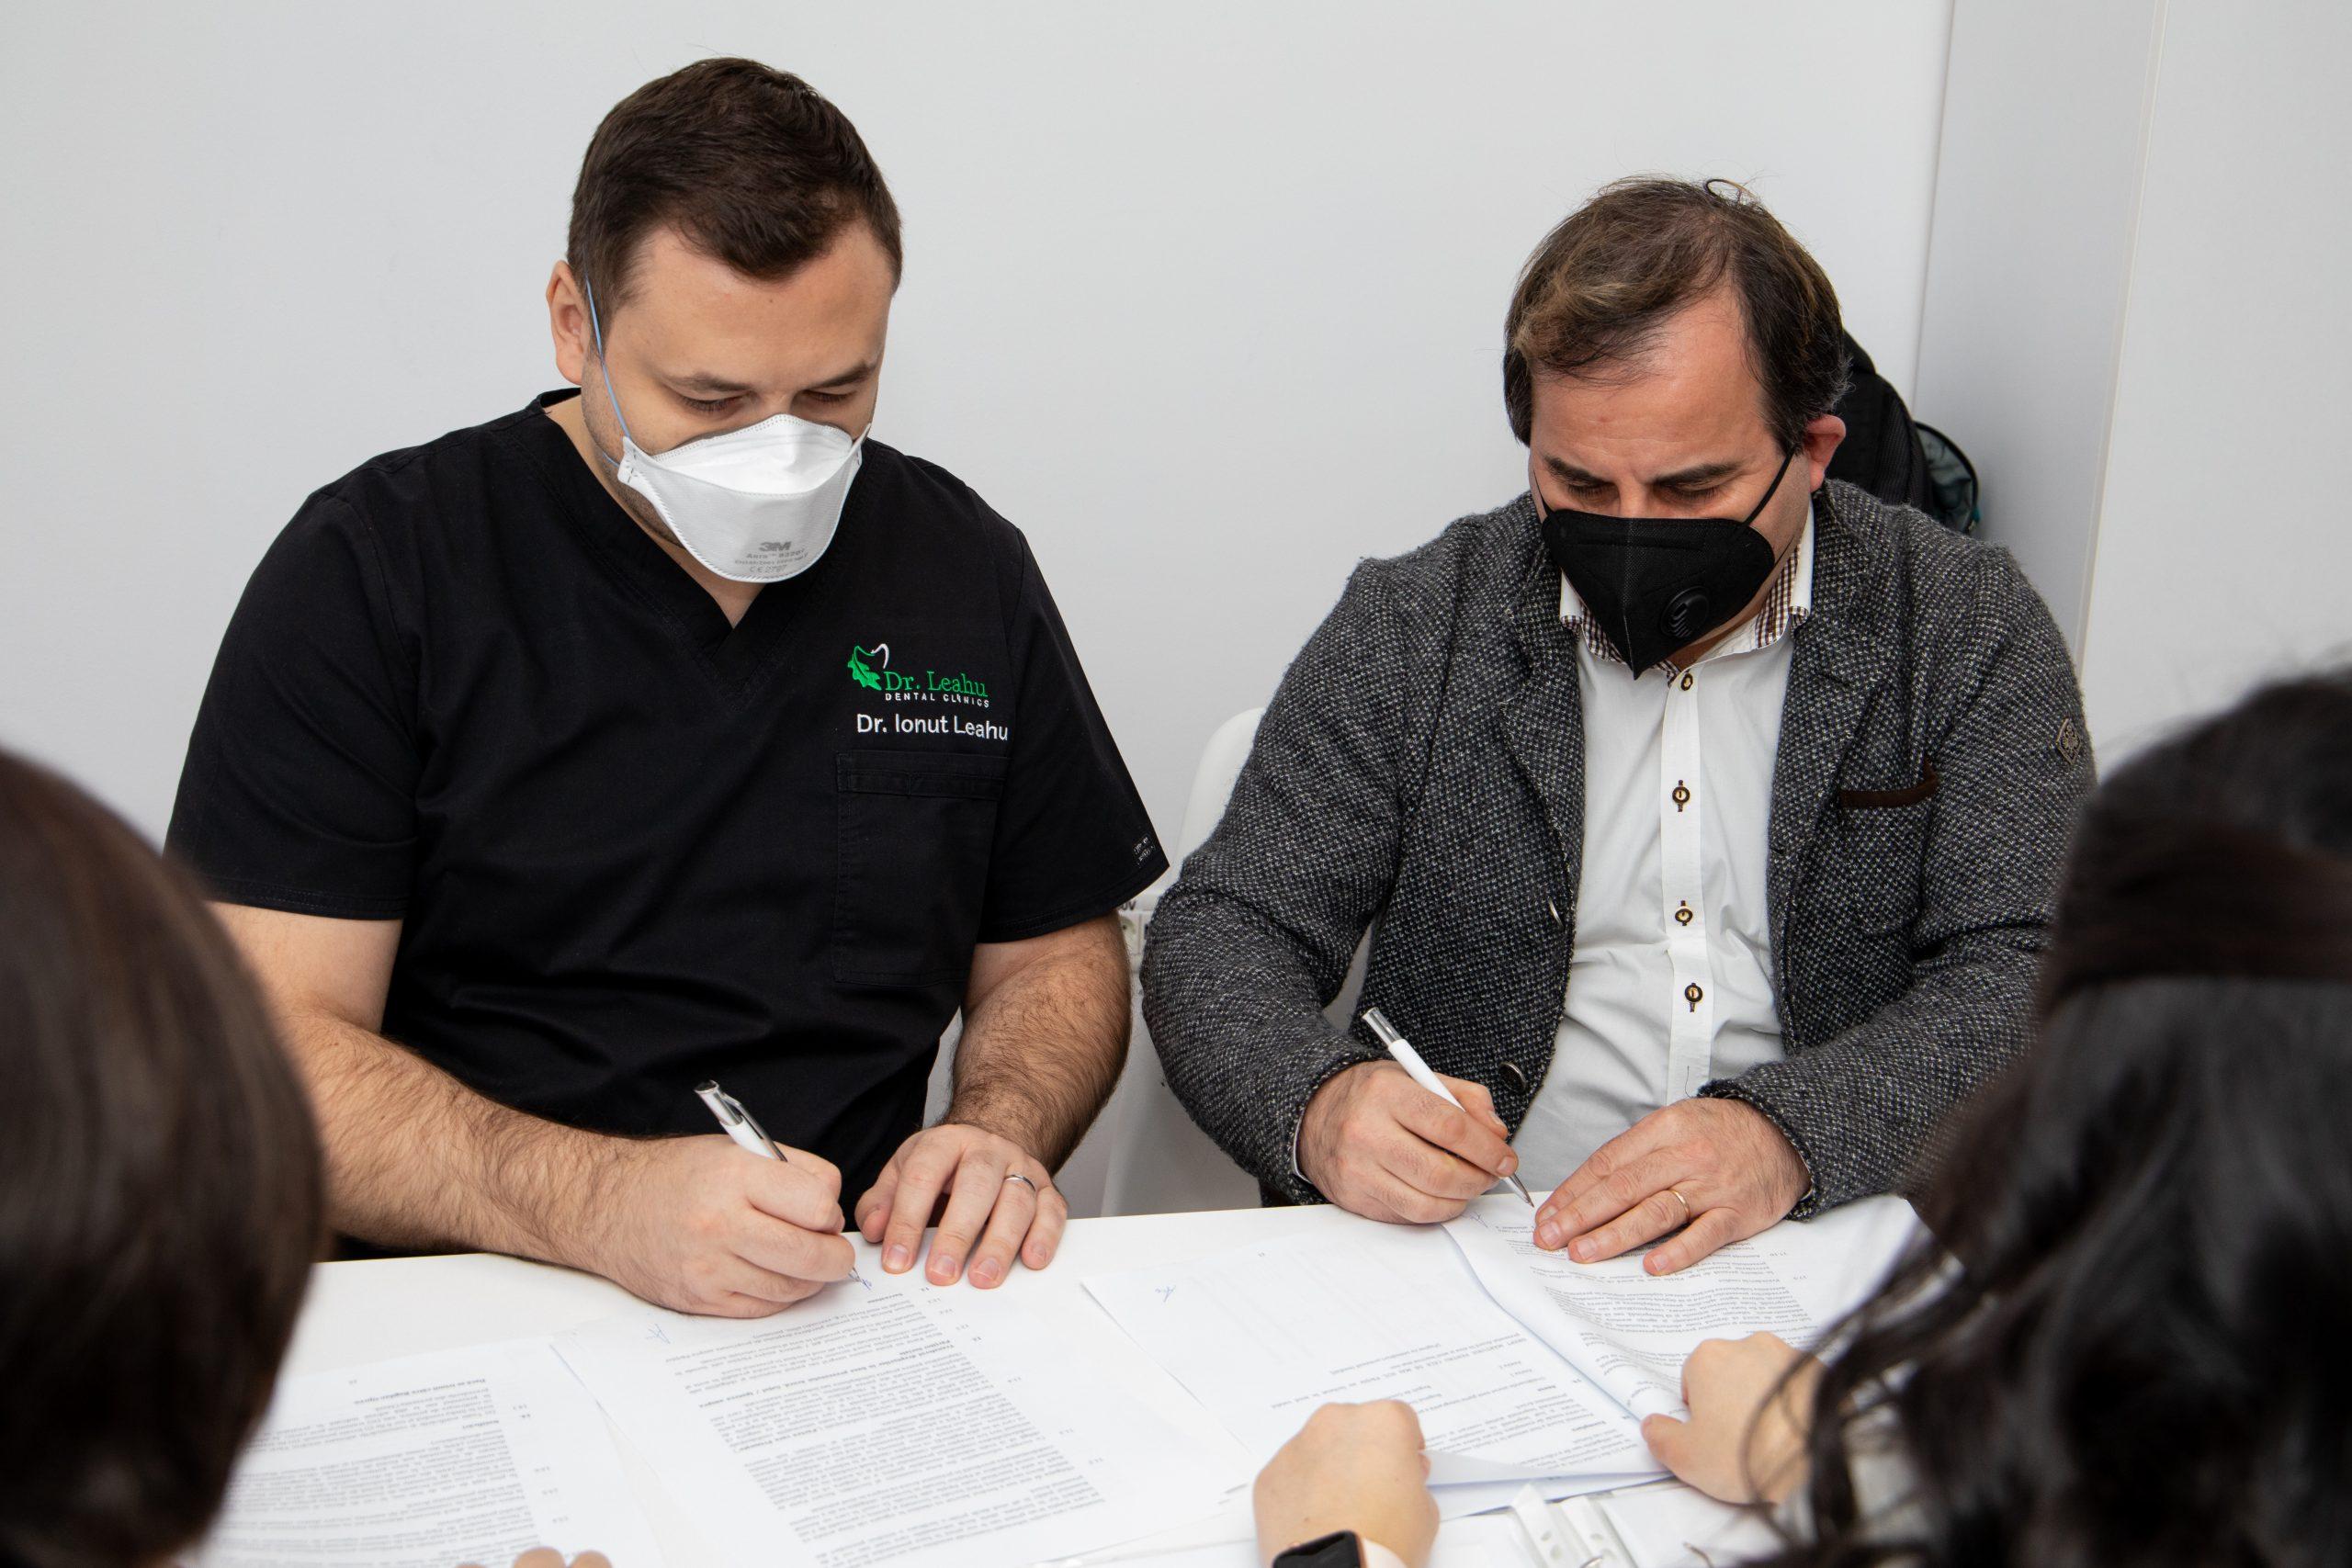 Dr. Ionut Leahu și Dr. Bogdan Oprea semnând parteneriatul